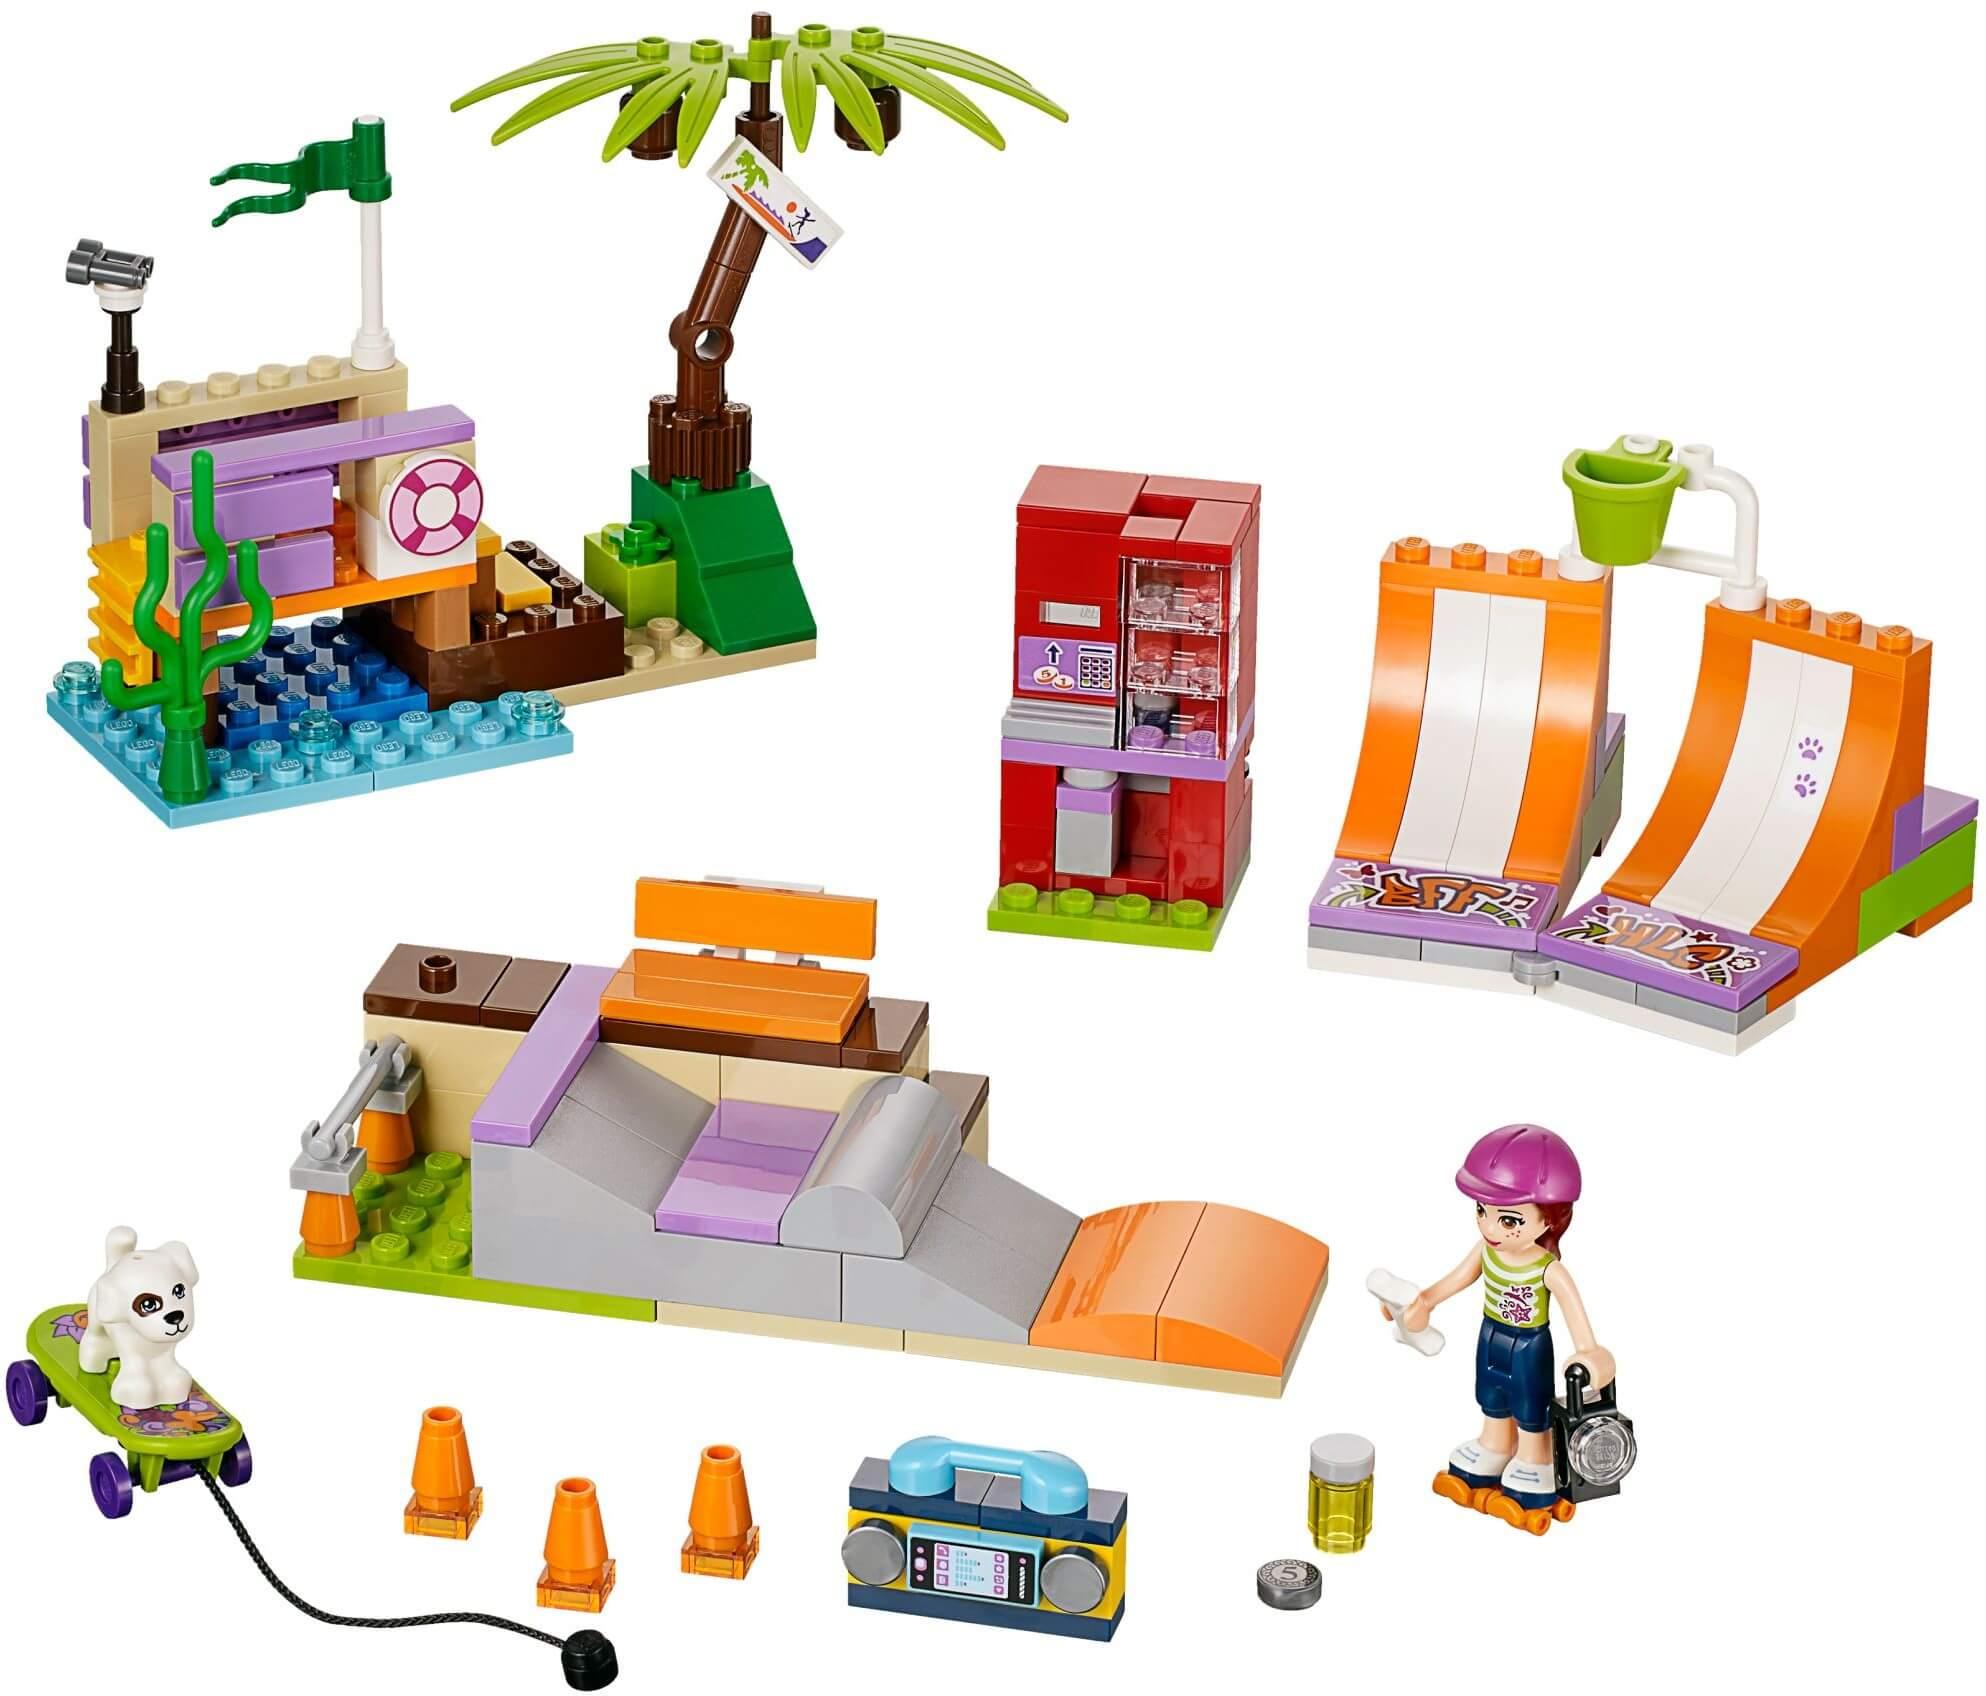 Mua đồ chơi LEGO 41099 - LEGO Friends 41099 - Công Viên Ván Trượt Heartlake (LEGO Friends Heartlake Skate Park 41099)